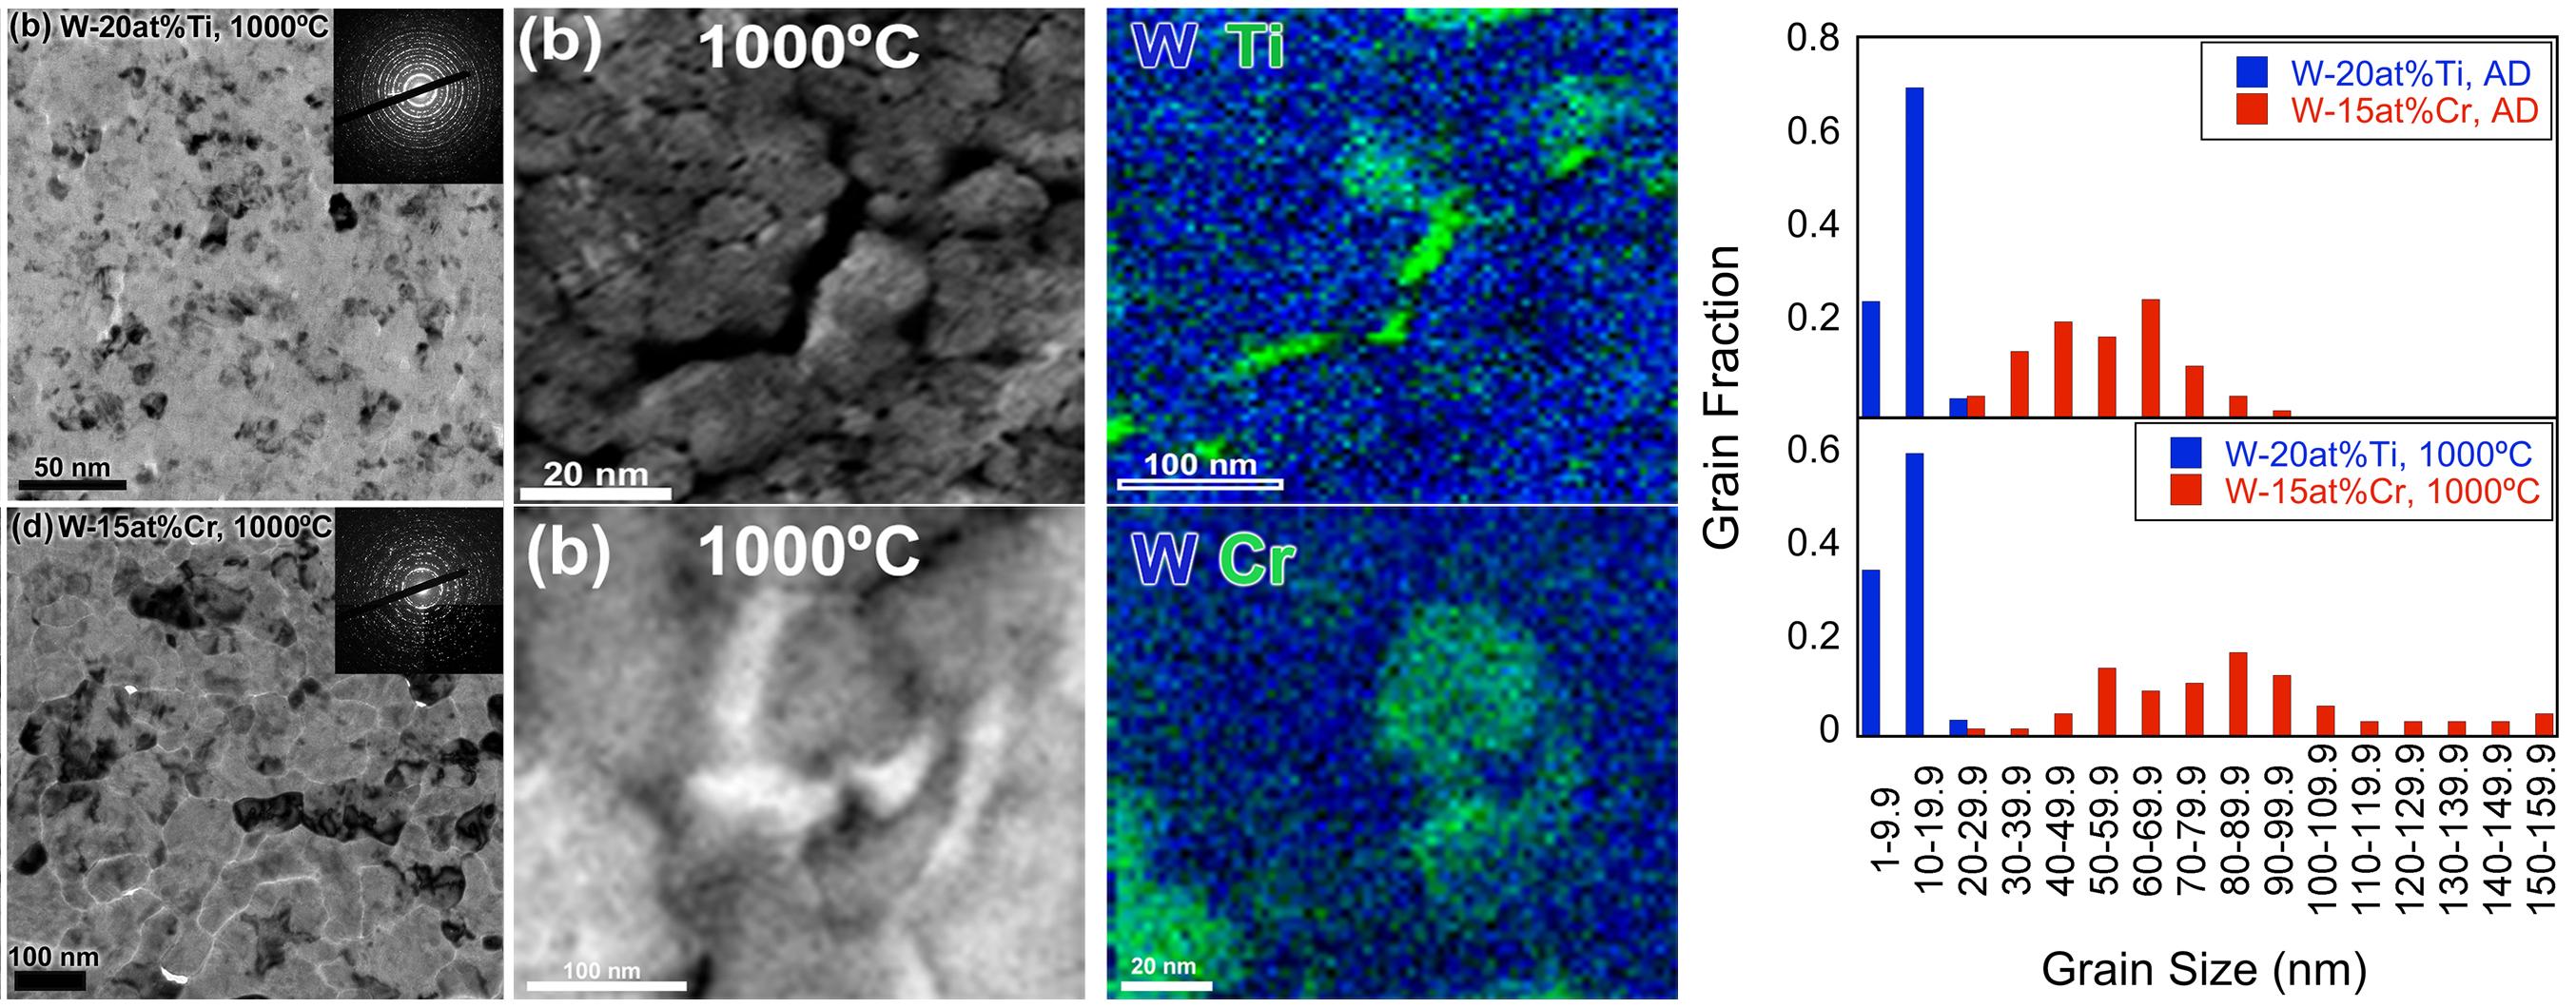 Solute Stabilization of Nanocrystalline Tungsten Against Abnormal Grain Growth